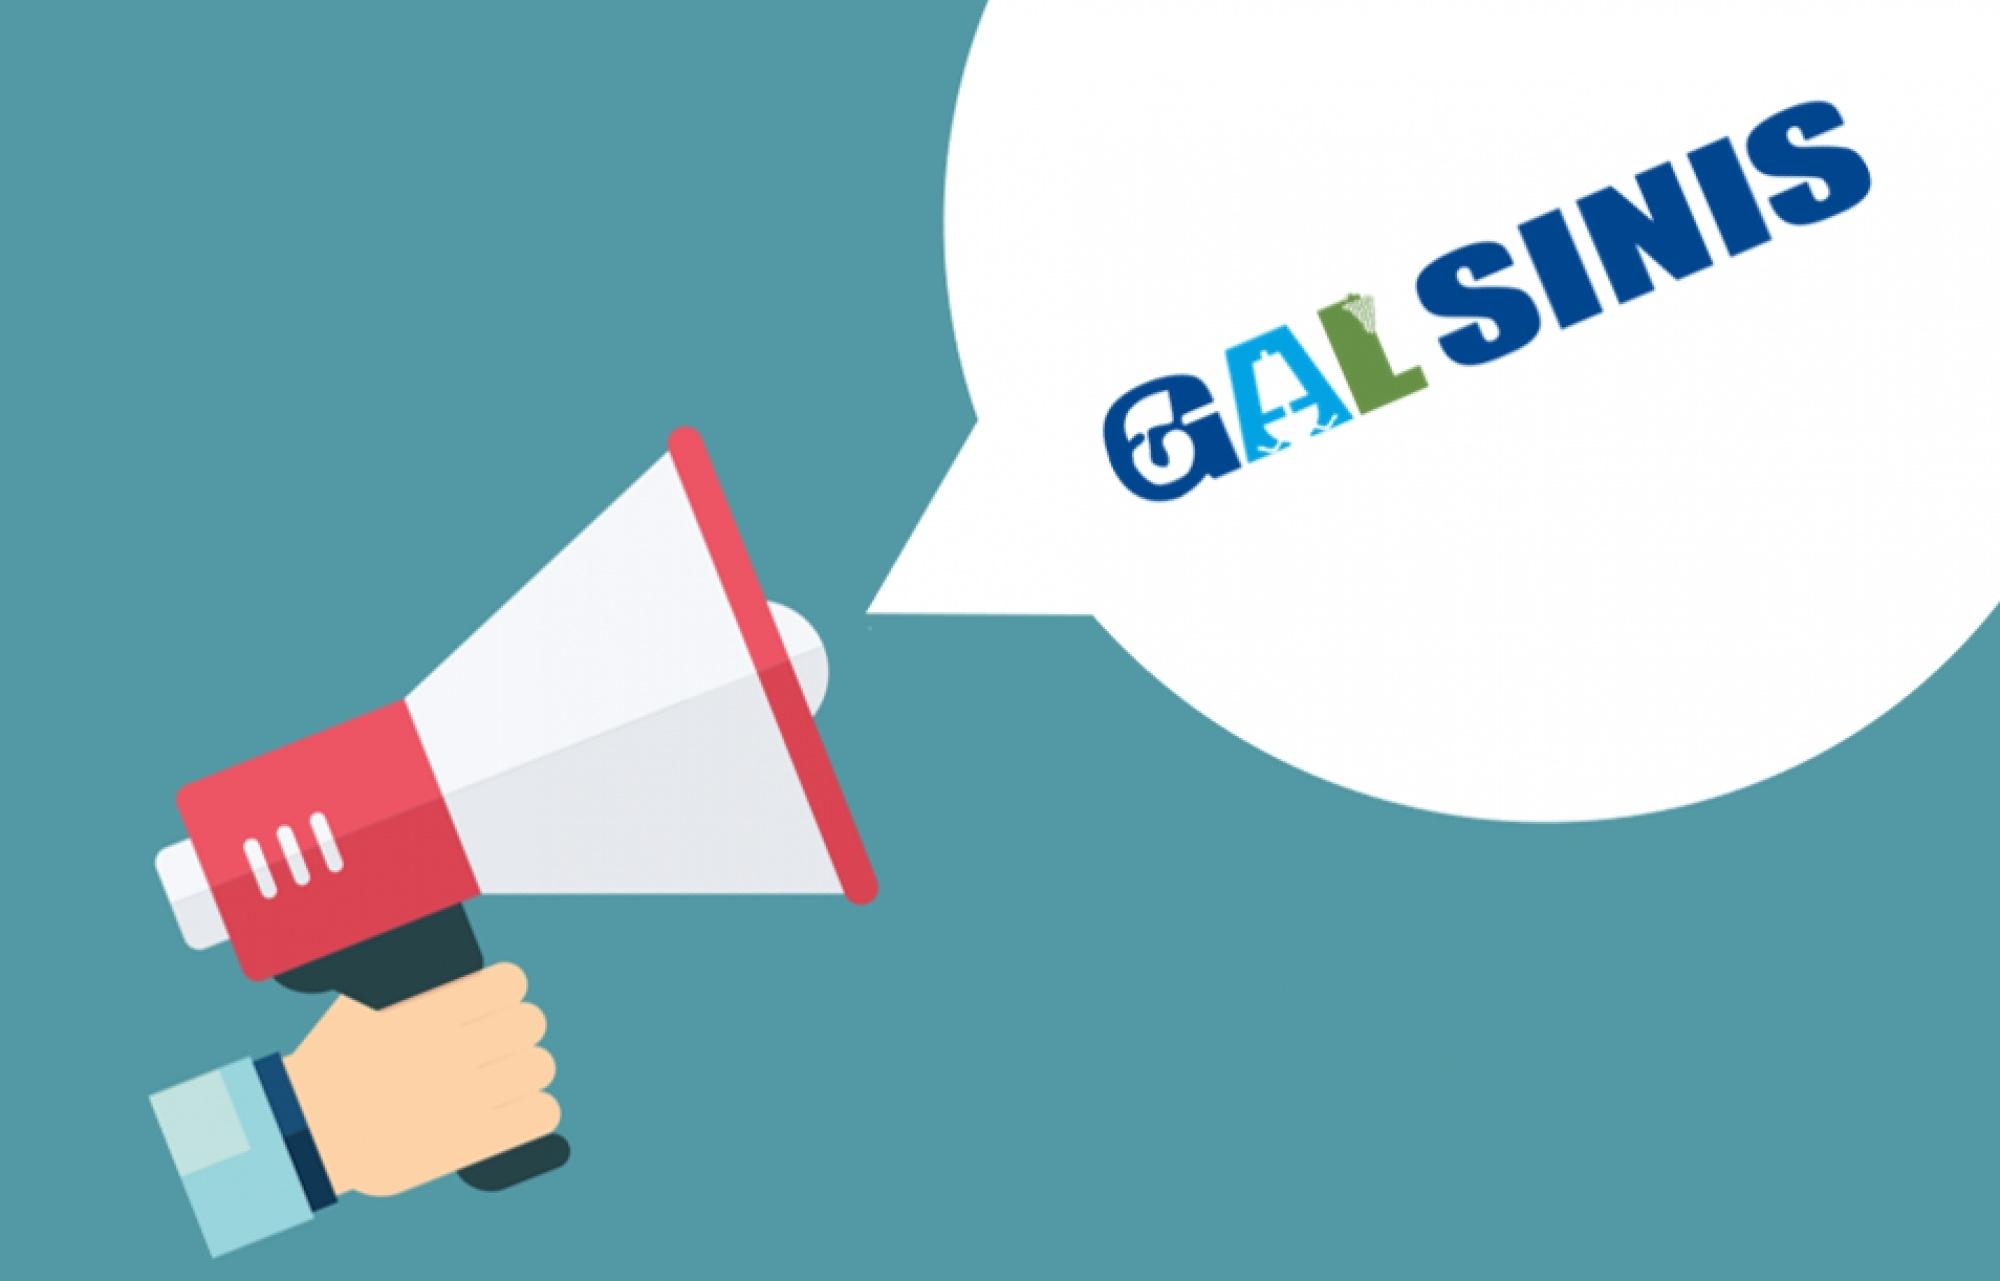 Short list | Pubblicato l'elenco aggiornato dei partecipanti ammessi e non ammessi all'iscrizione alla short list di consulenti, tecnici ed esperti per l'attuazione del Piano d'Azione del GAL Sinis